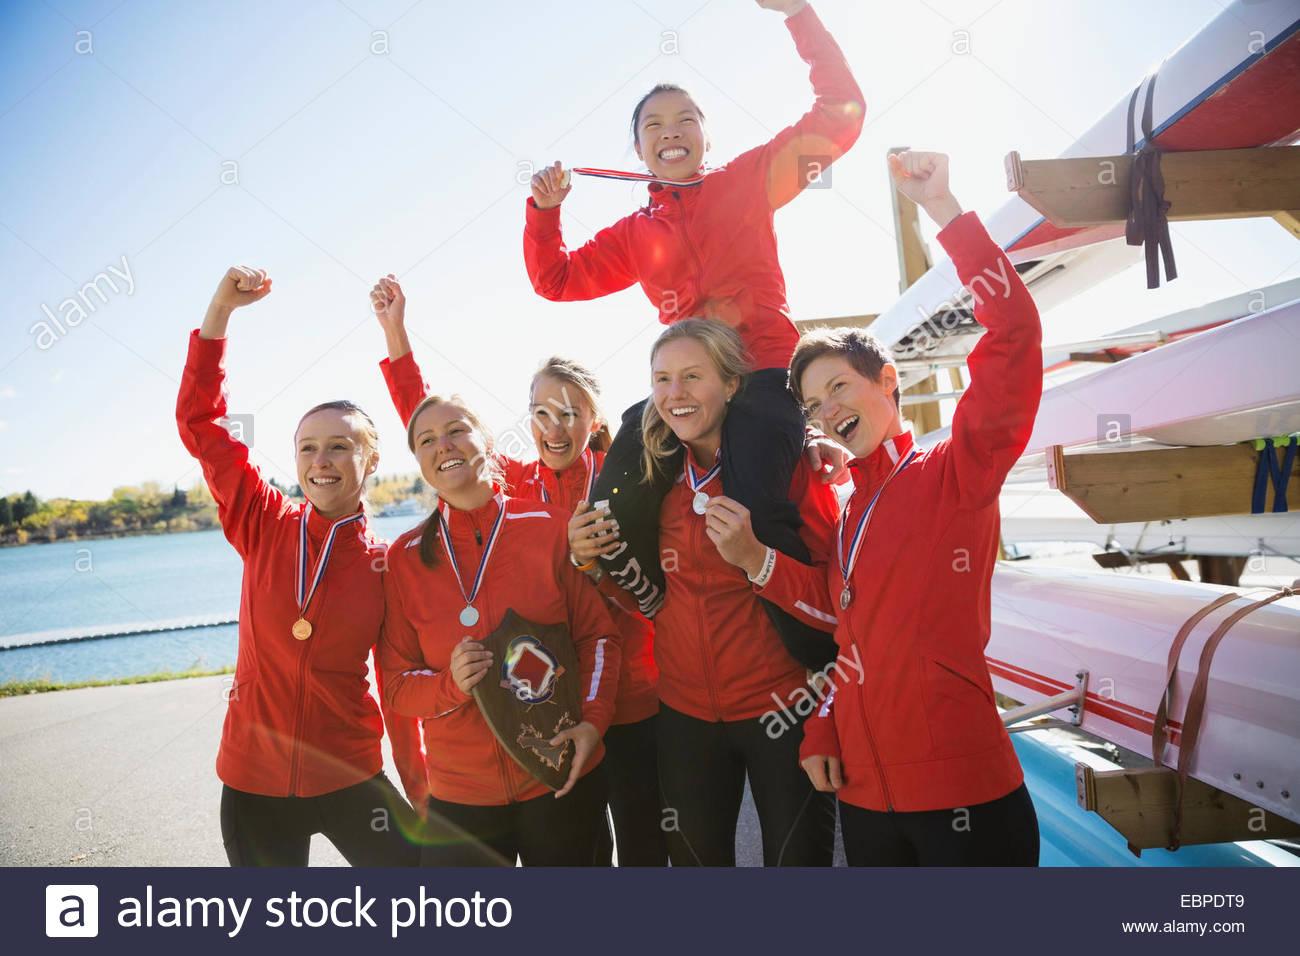 Ruderteam mit Medaillen feiern in der Nähe von Schädeln Stockbild